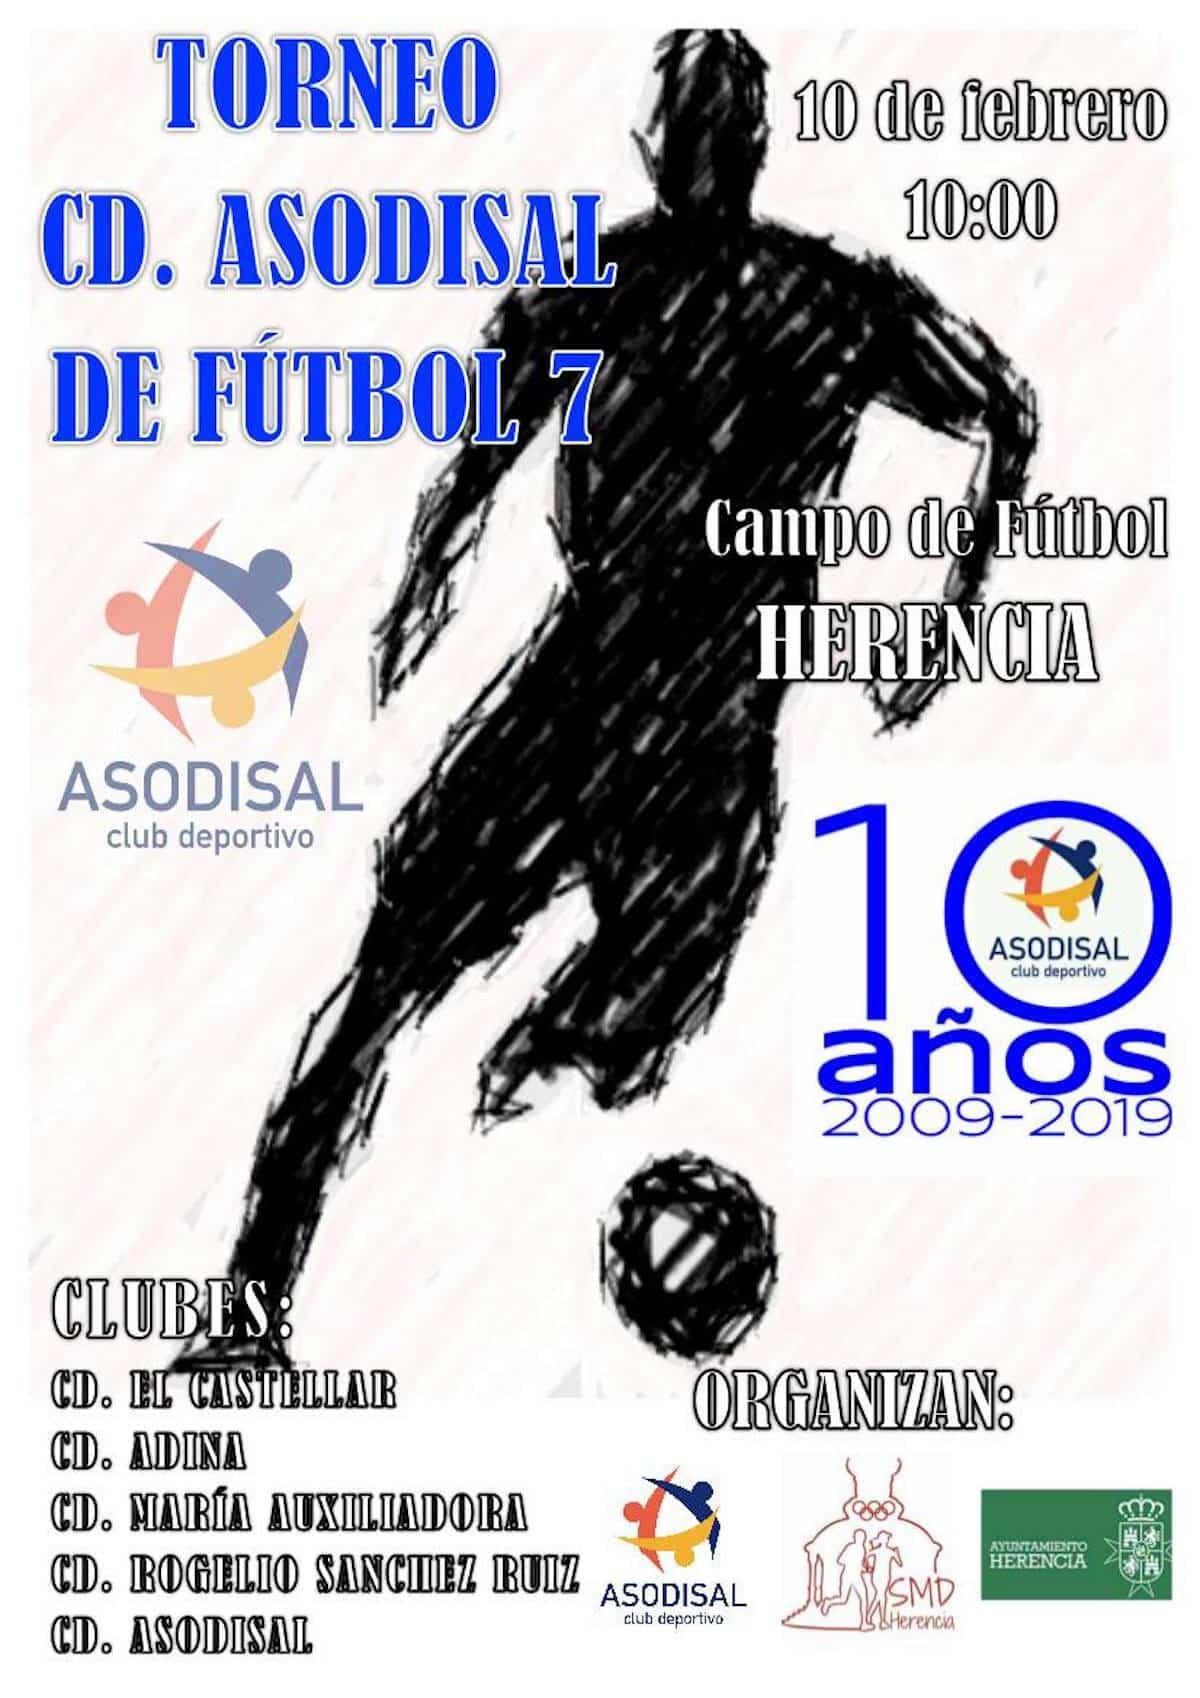 torneo futbol 7 inclusivo herencia - Torneo de fútbol 7 en Herencia organizado por CD. Asodisal